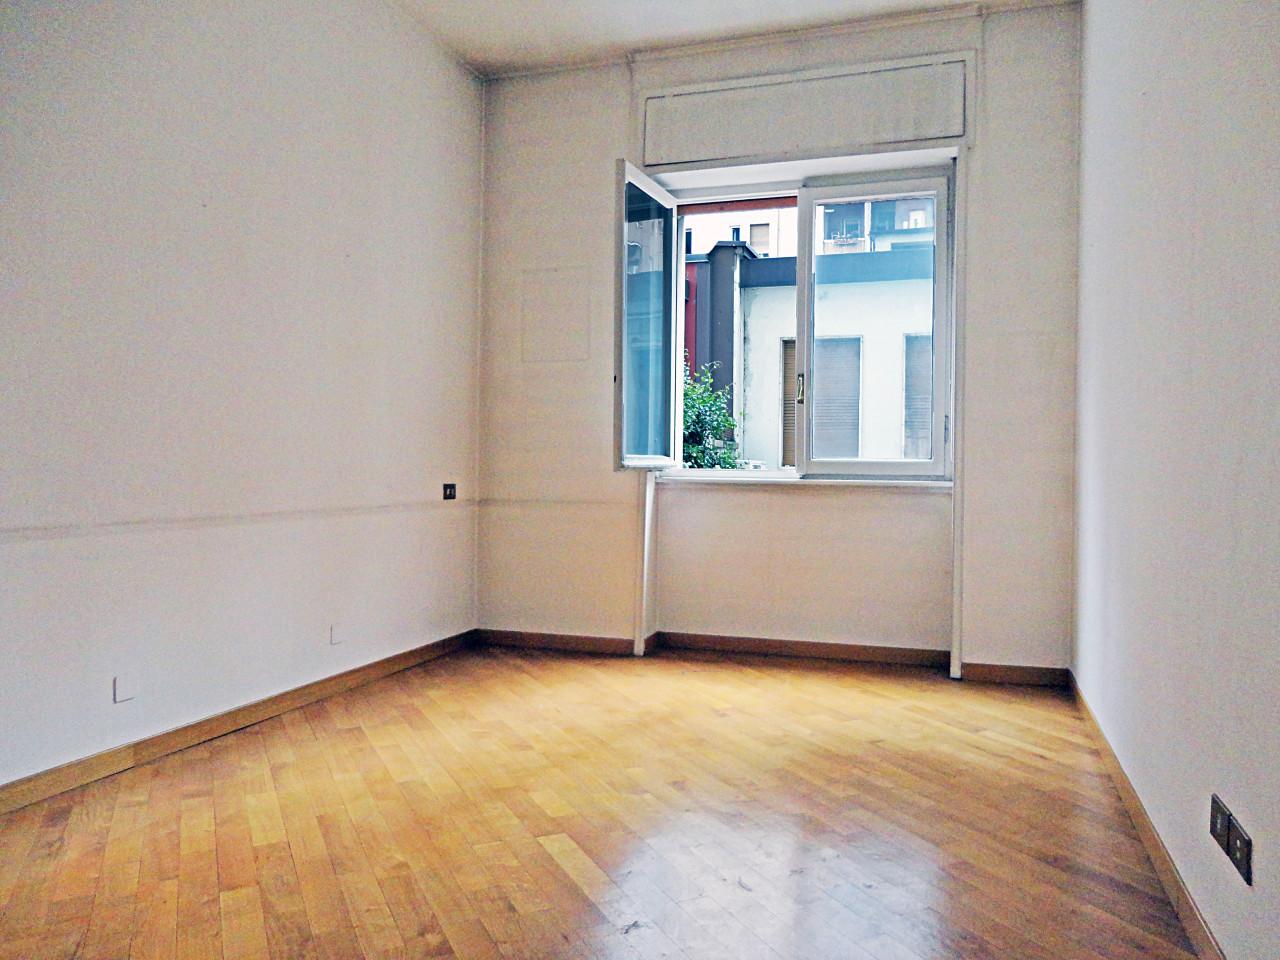 milano vendita quart: 018 fiera / pagano/ magenta edil trade s.r.l. progetti immobiliari